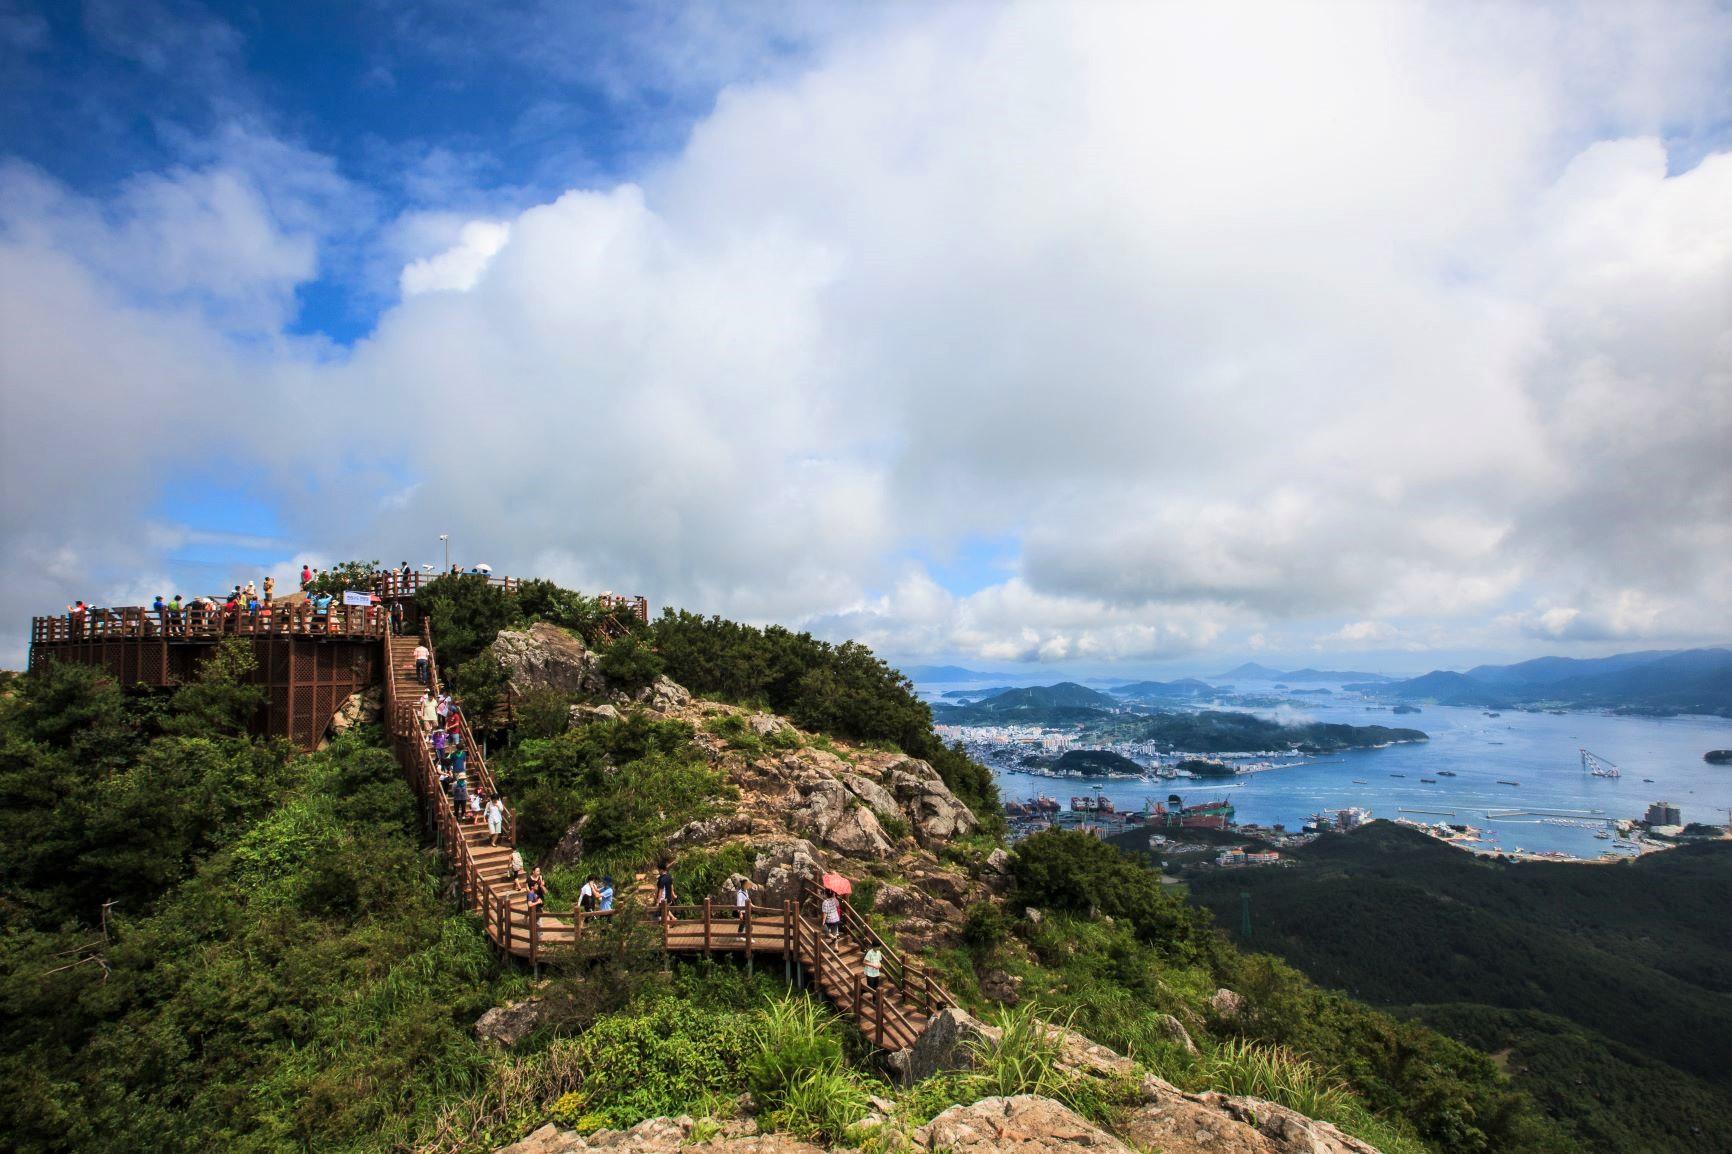 ツツジ咲く黄梅山と弥勒島ハイキング 4日間